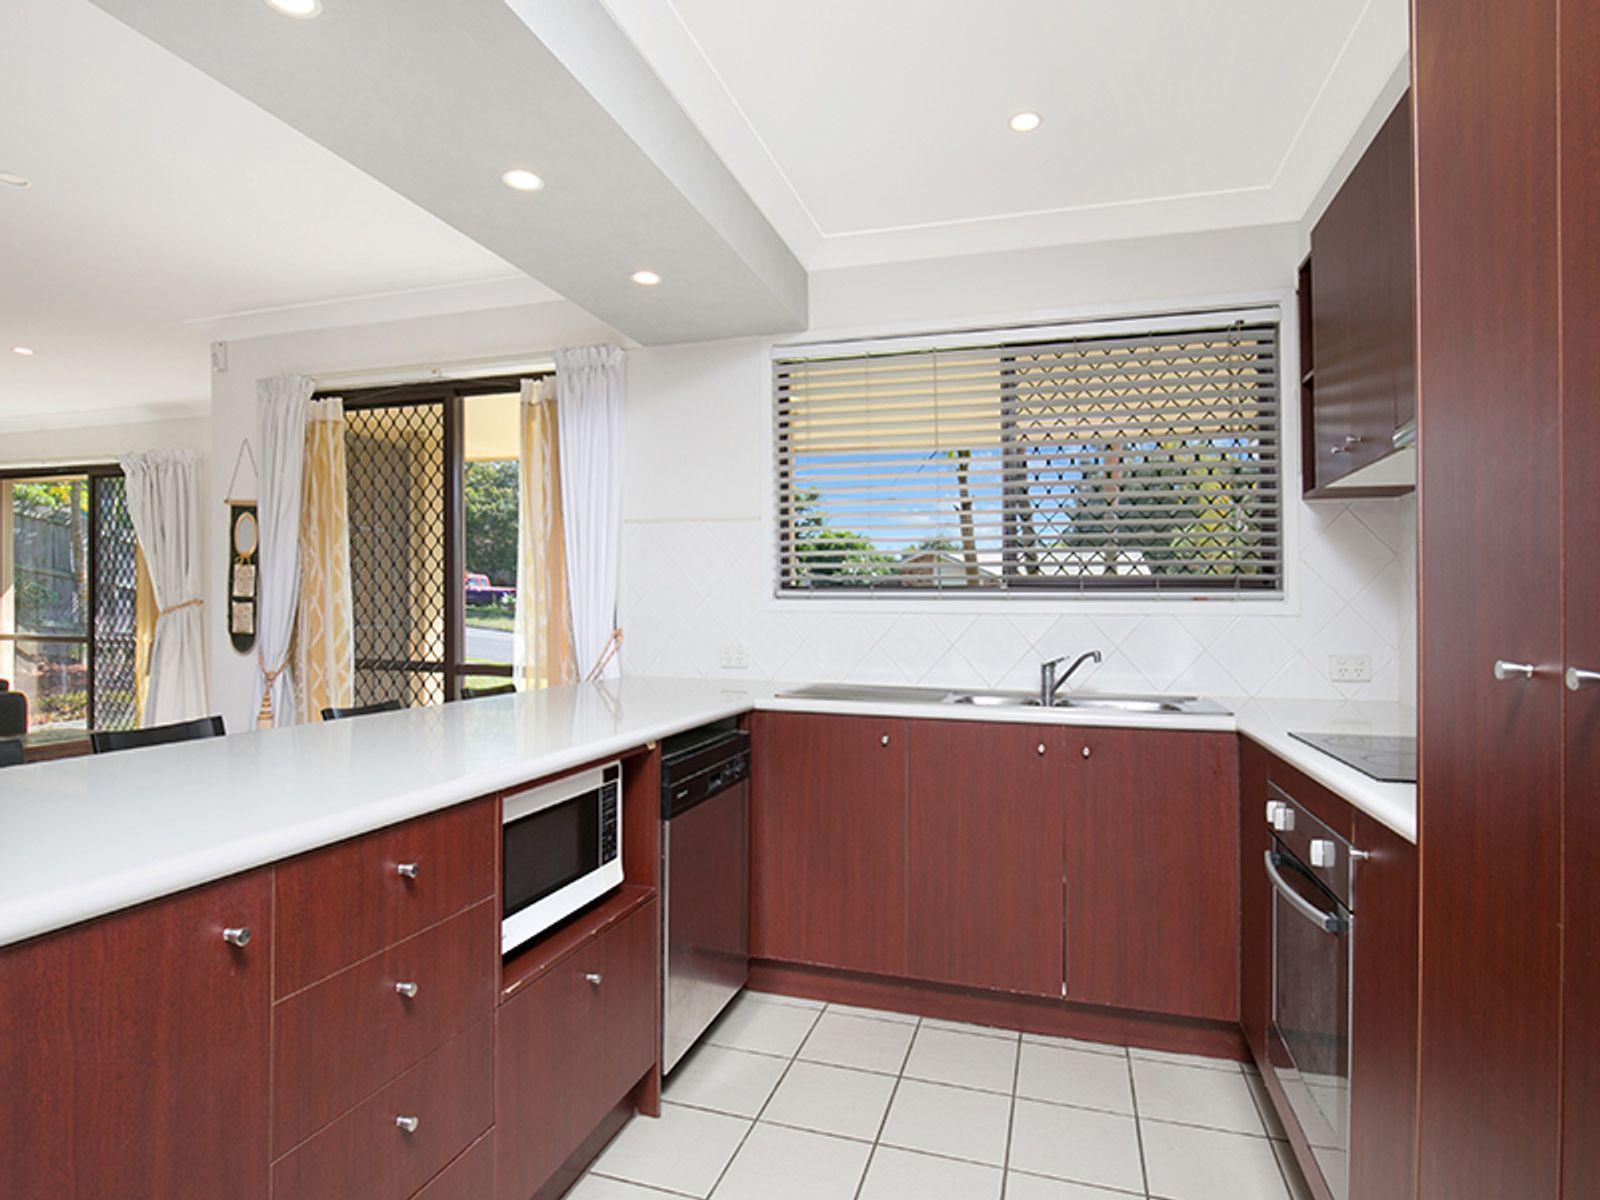 38 BARBARALLA DR, Springwood, QLD 4127